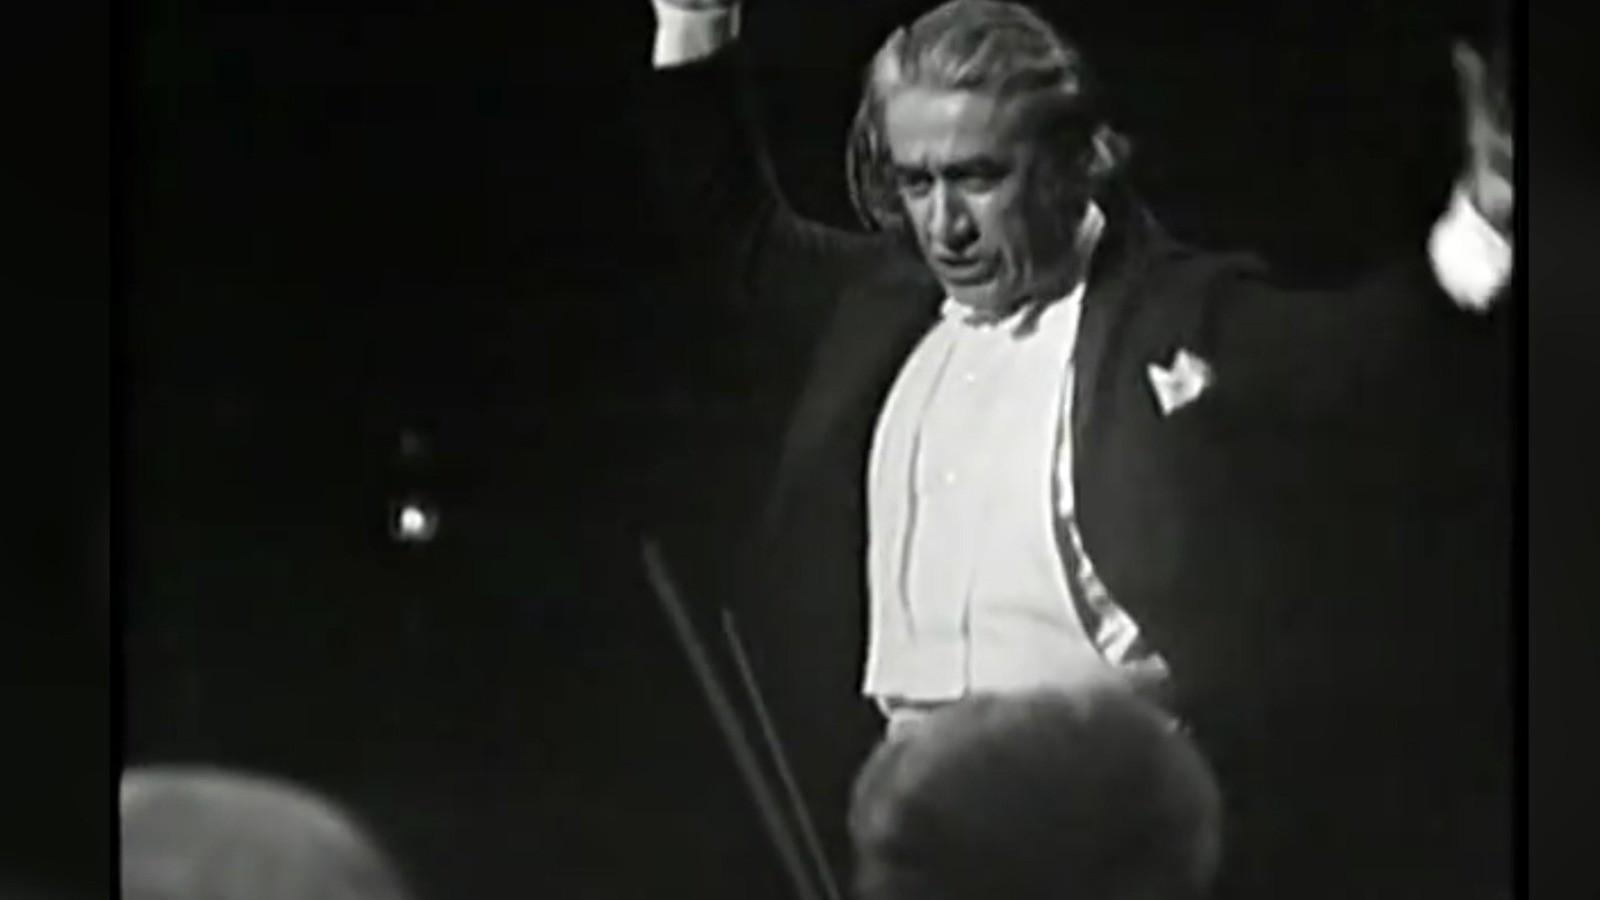 fiul-lui-sergiu-celibidache-despre-filmul-cravata-galbena-